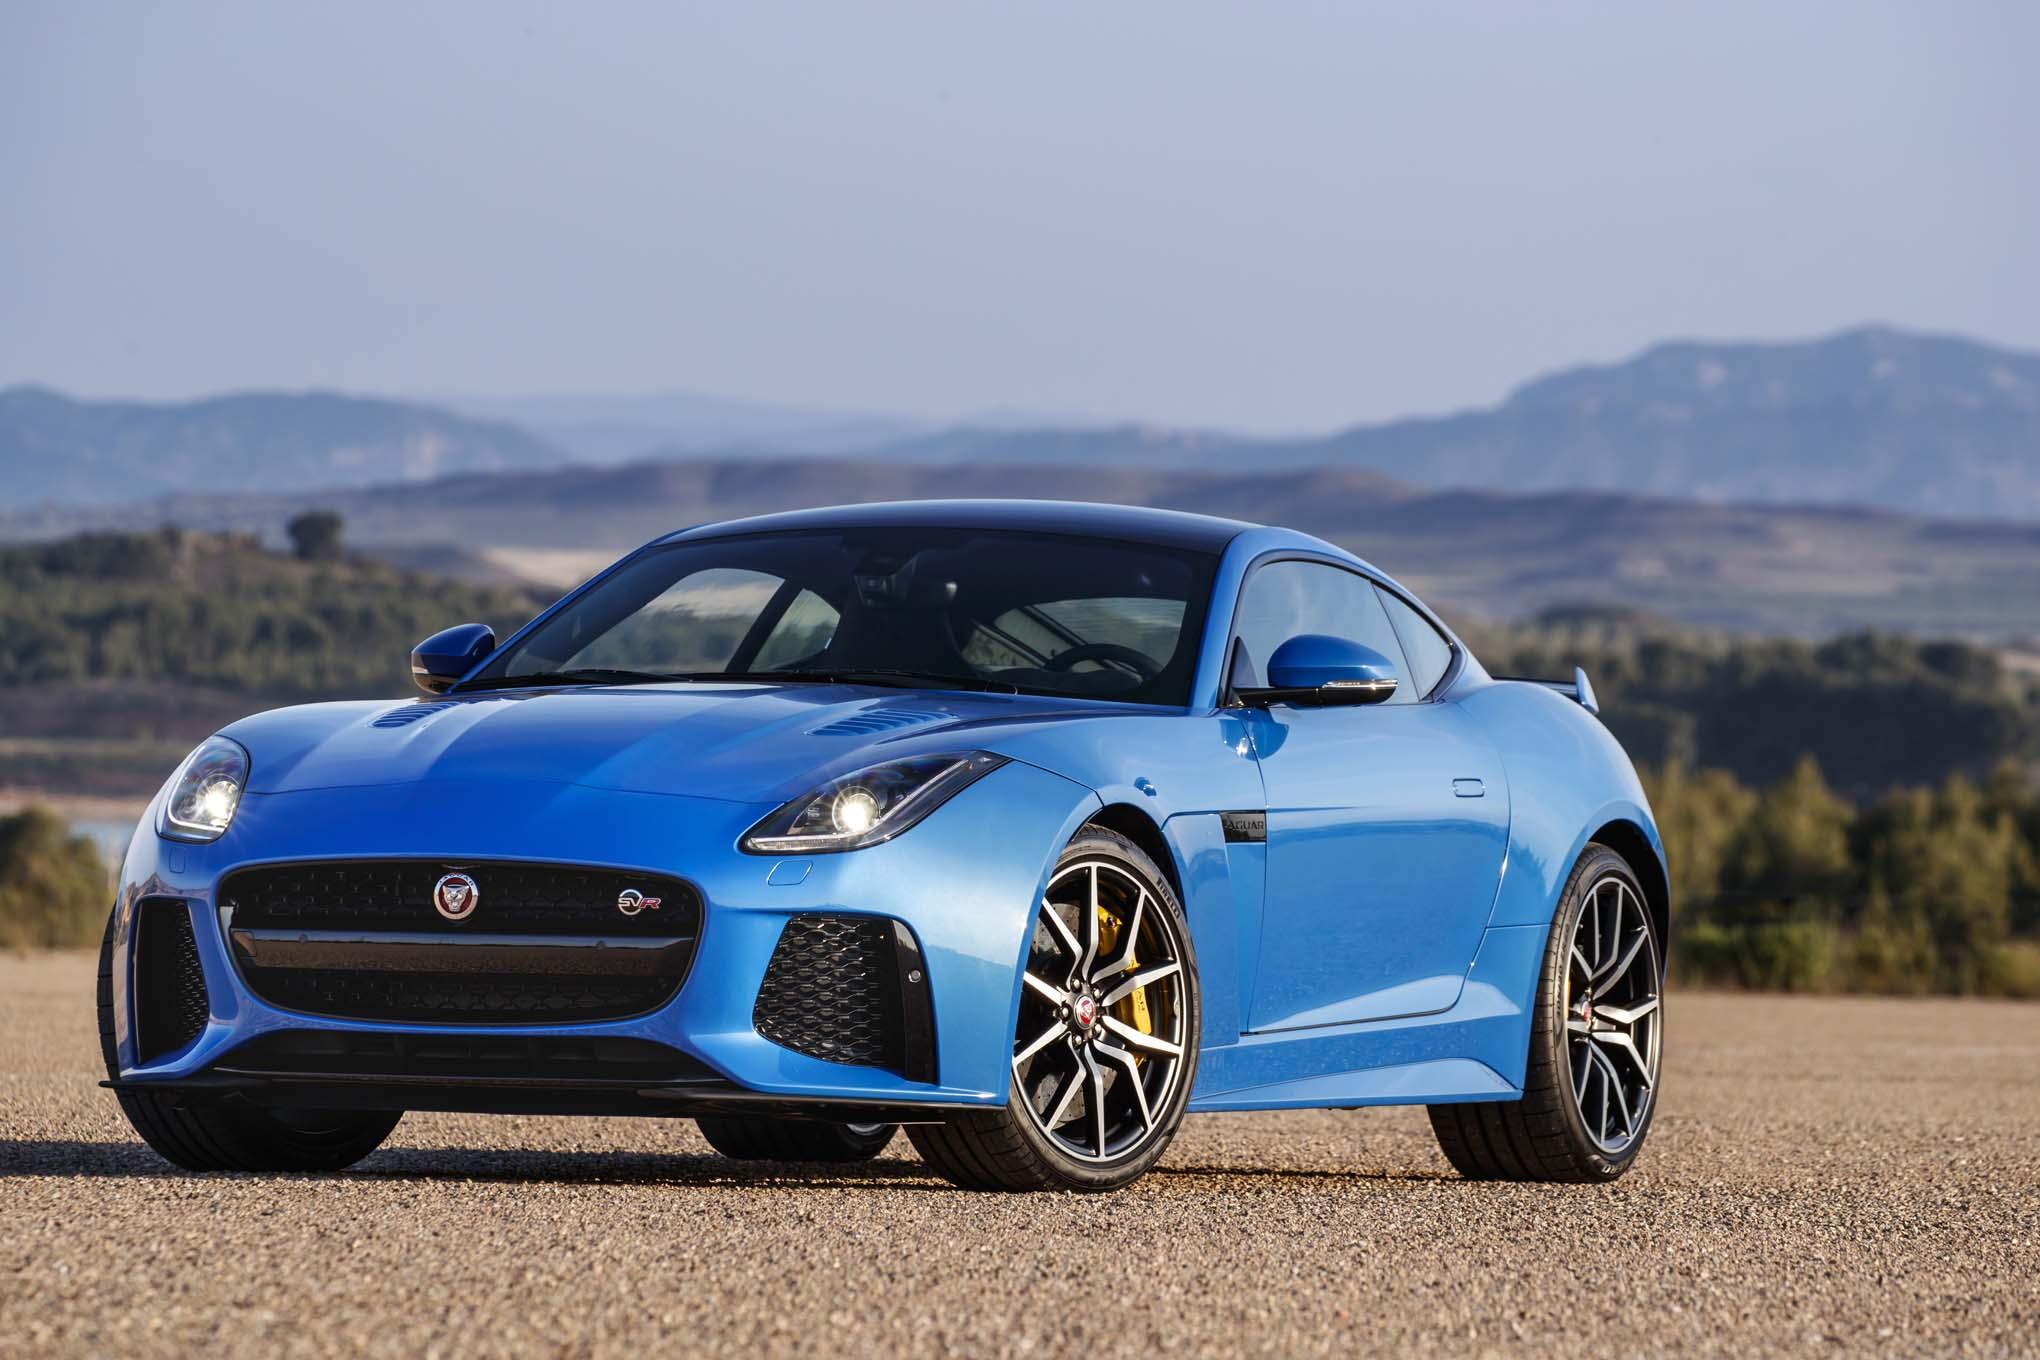 2017 jaguar f type svr first drive review automobile. Black Bedroom Furniture Sets. Home Design Ideas